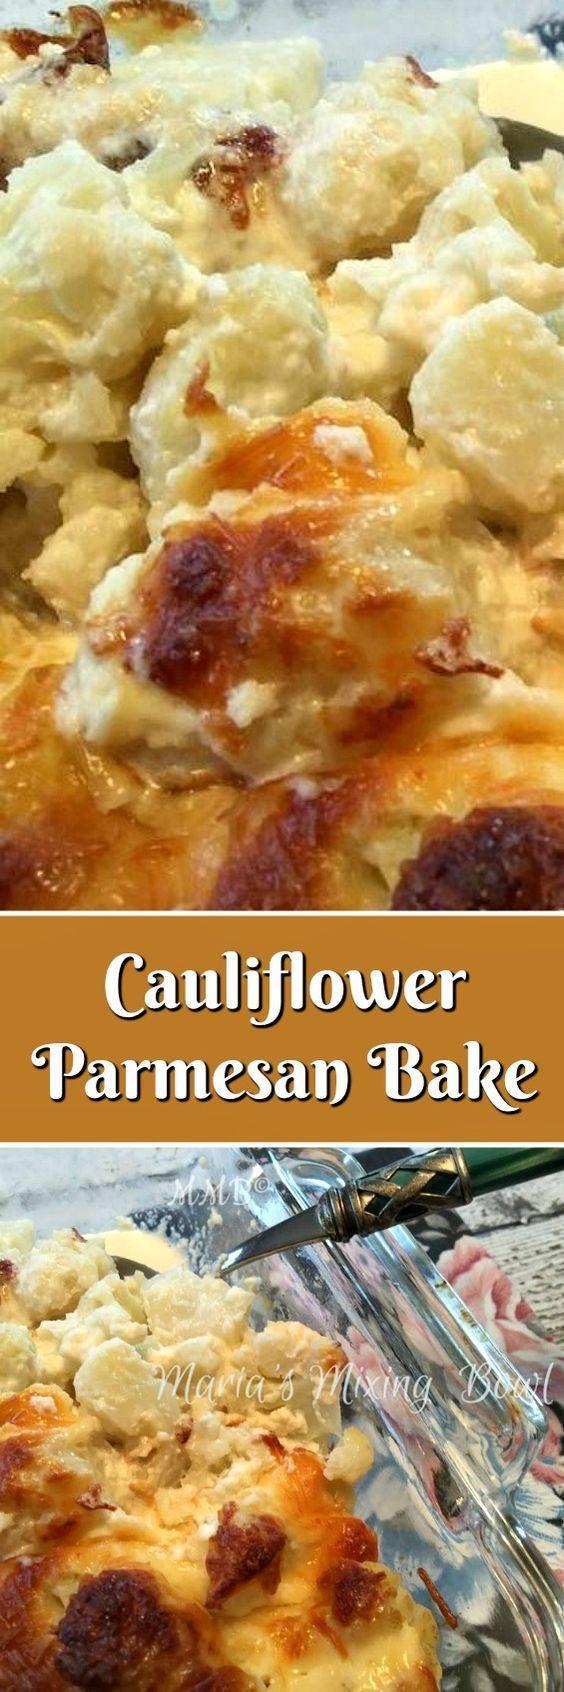 Cauliflower Parmesan Bake